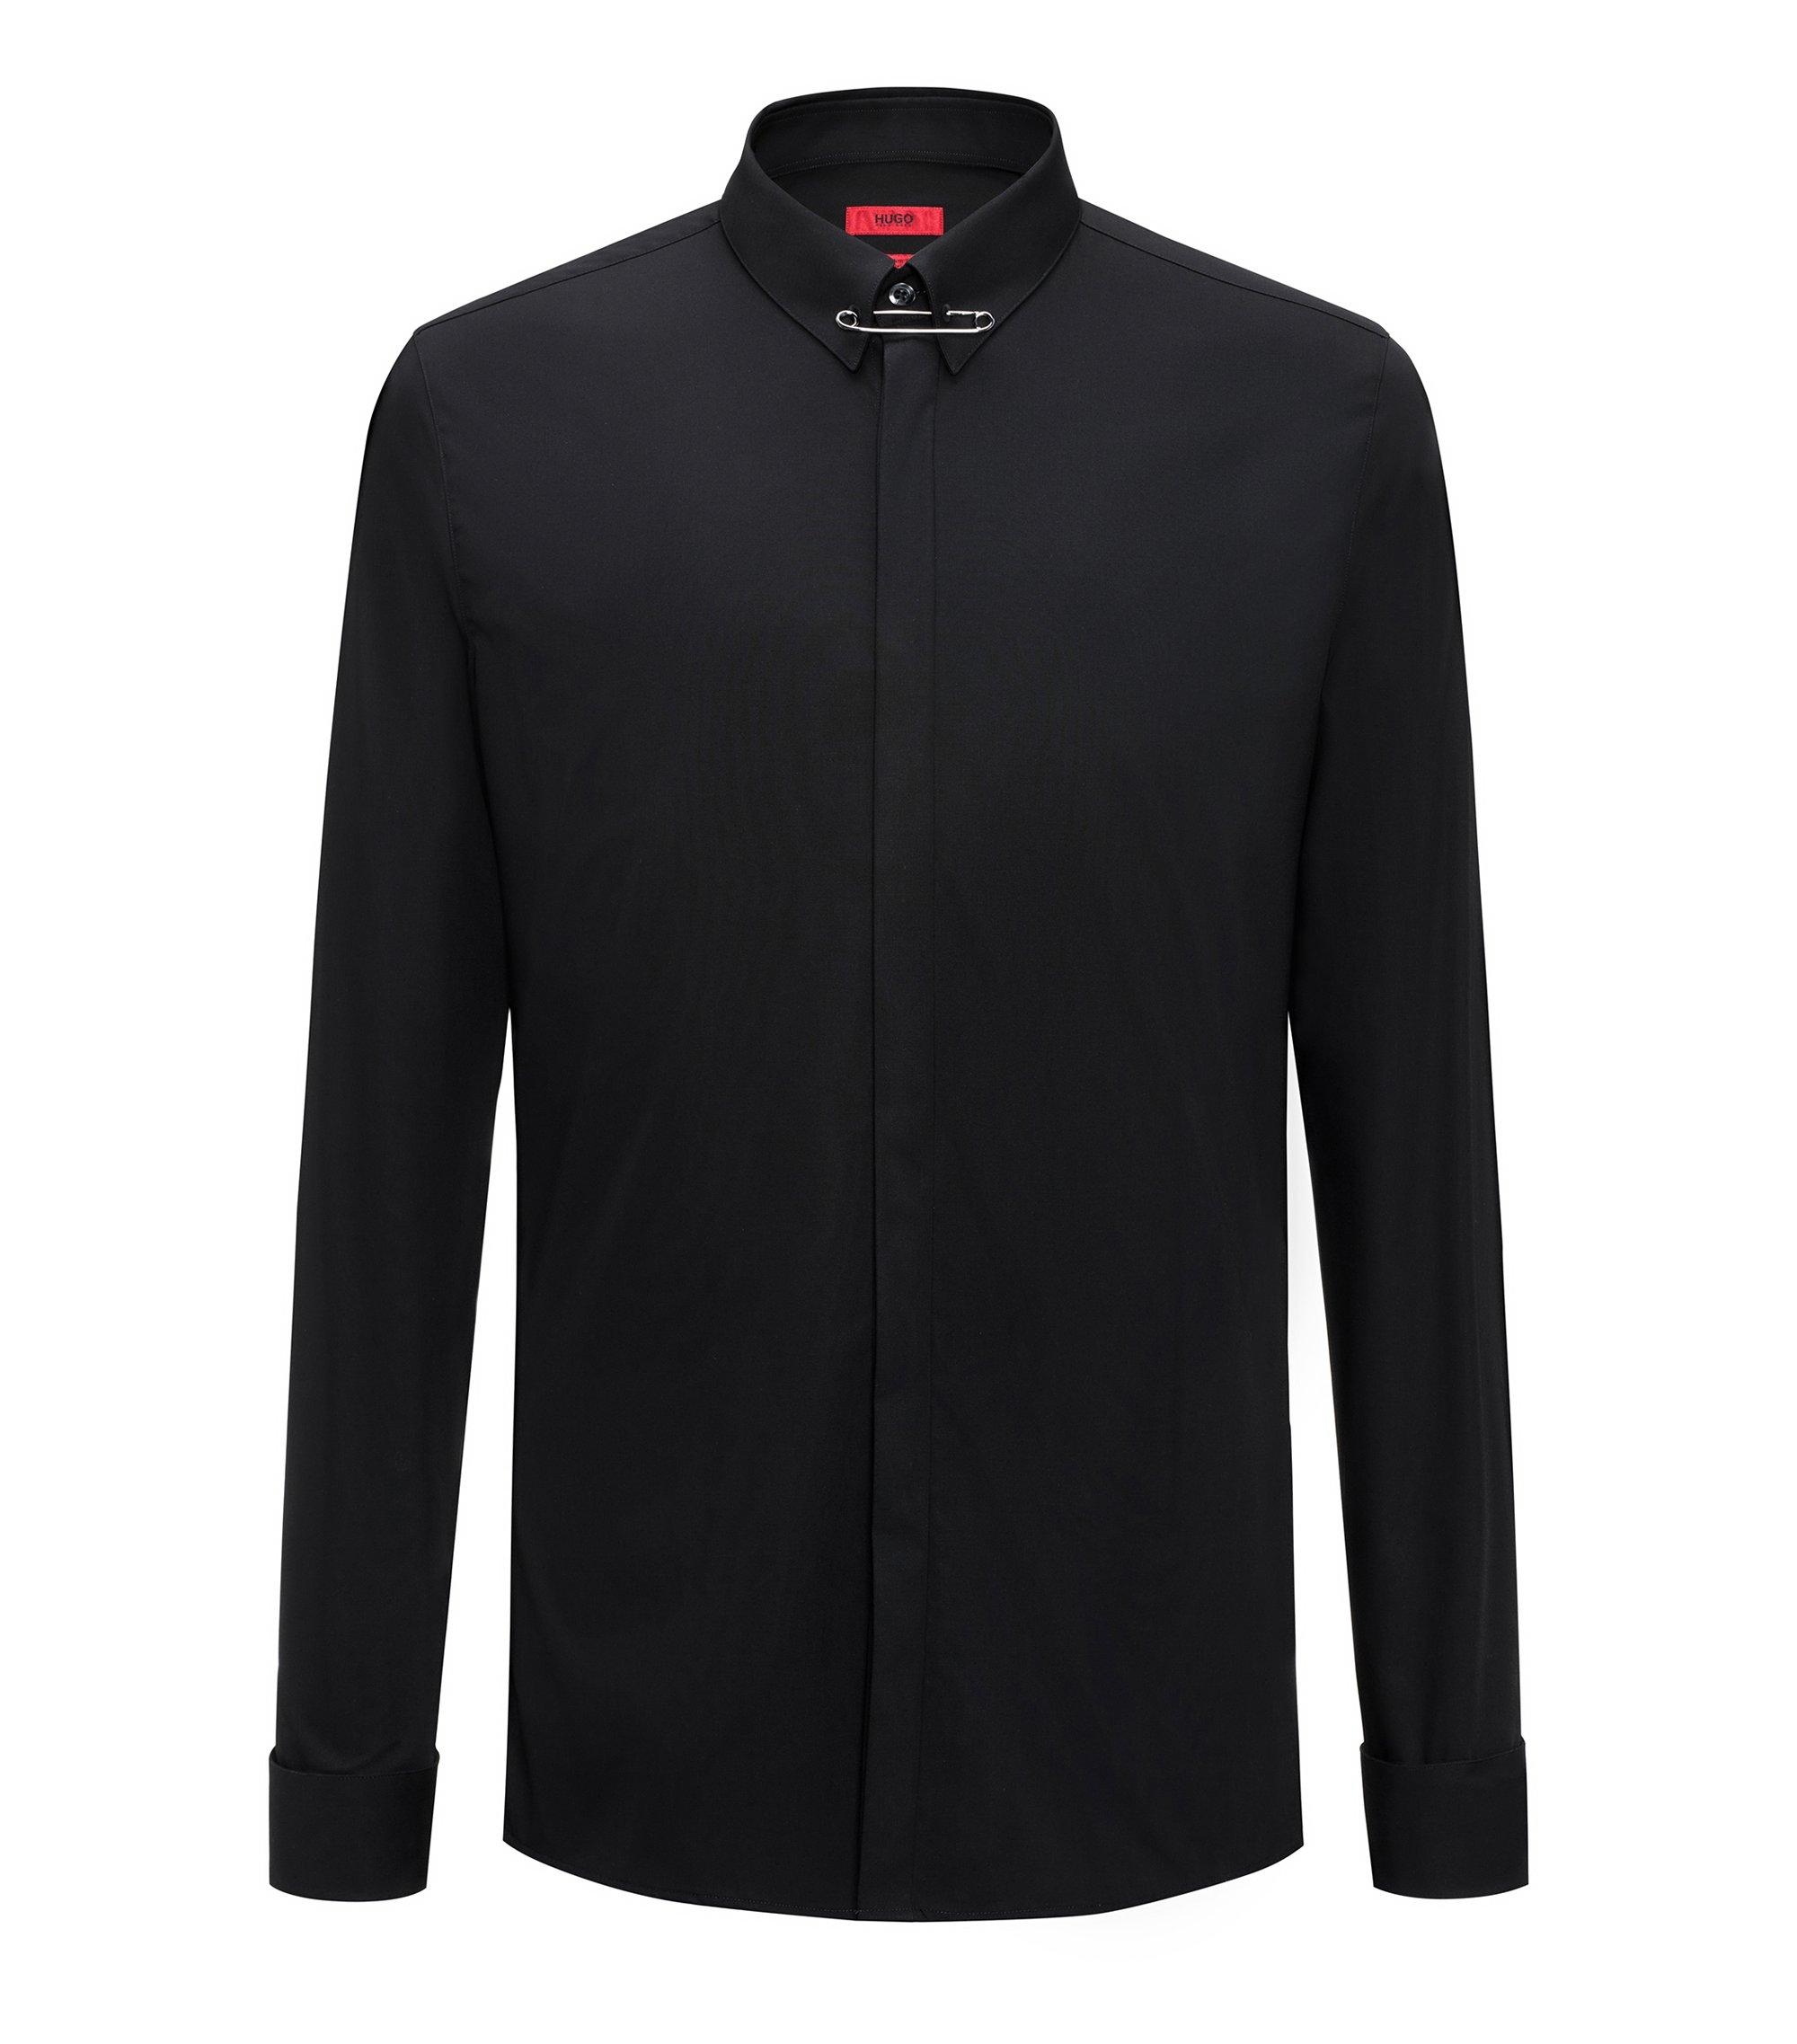 Extra Slim-Fit Hemd aus Baumwolle mit Sicherheitsnadel am Kragen, Schwarz